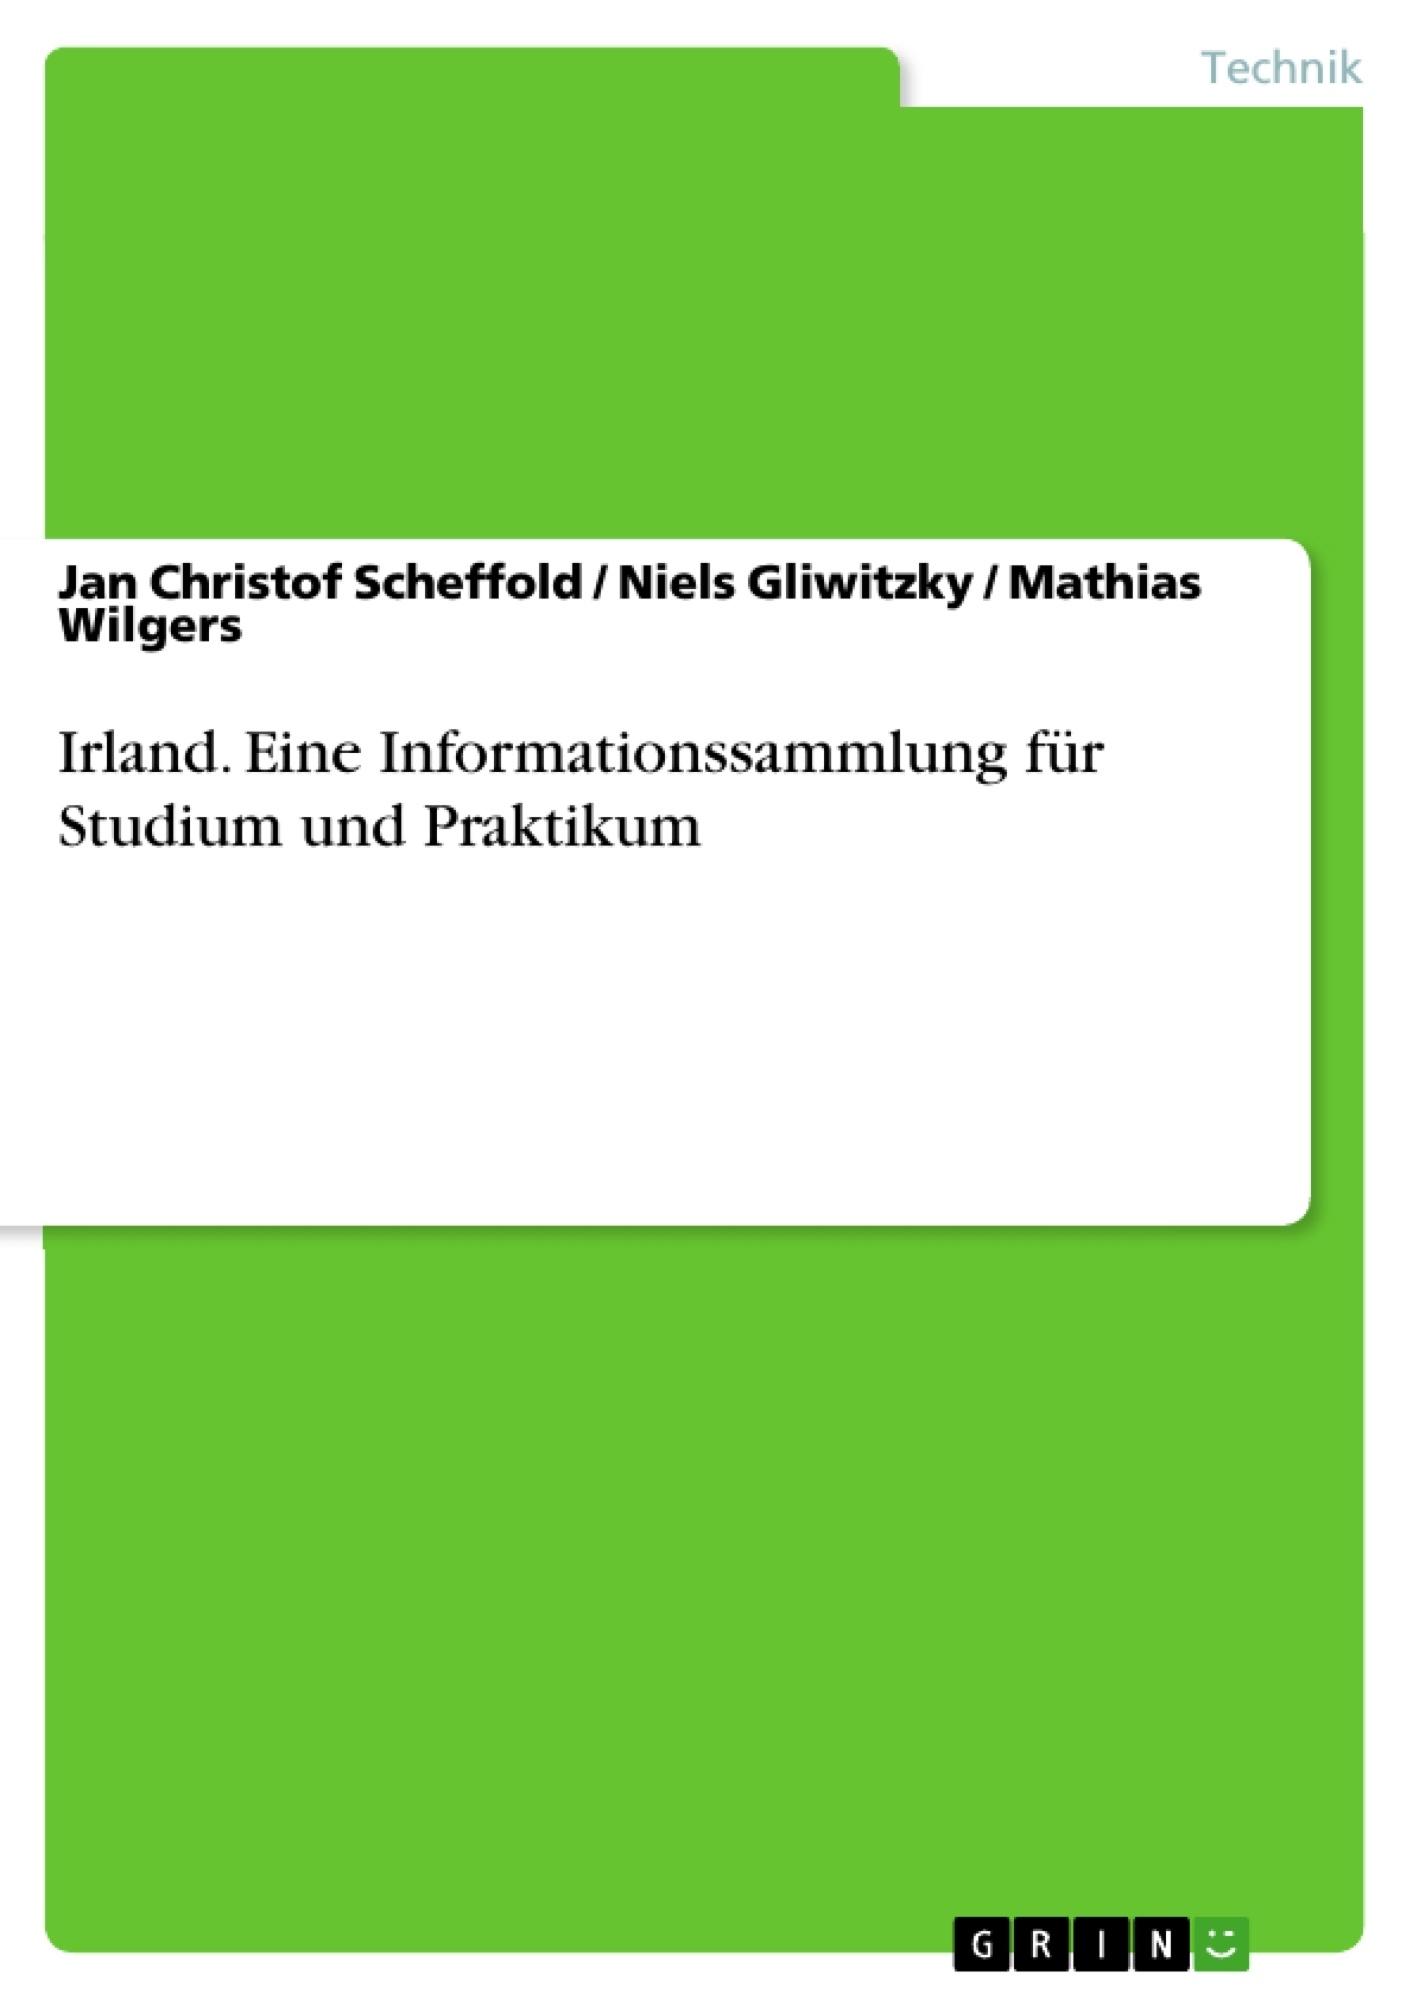 Titel: Irland. Eine Informationssammlung für Studium und Praktikum